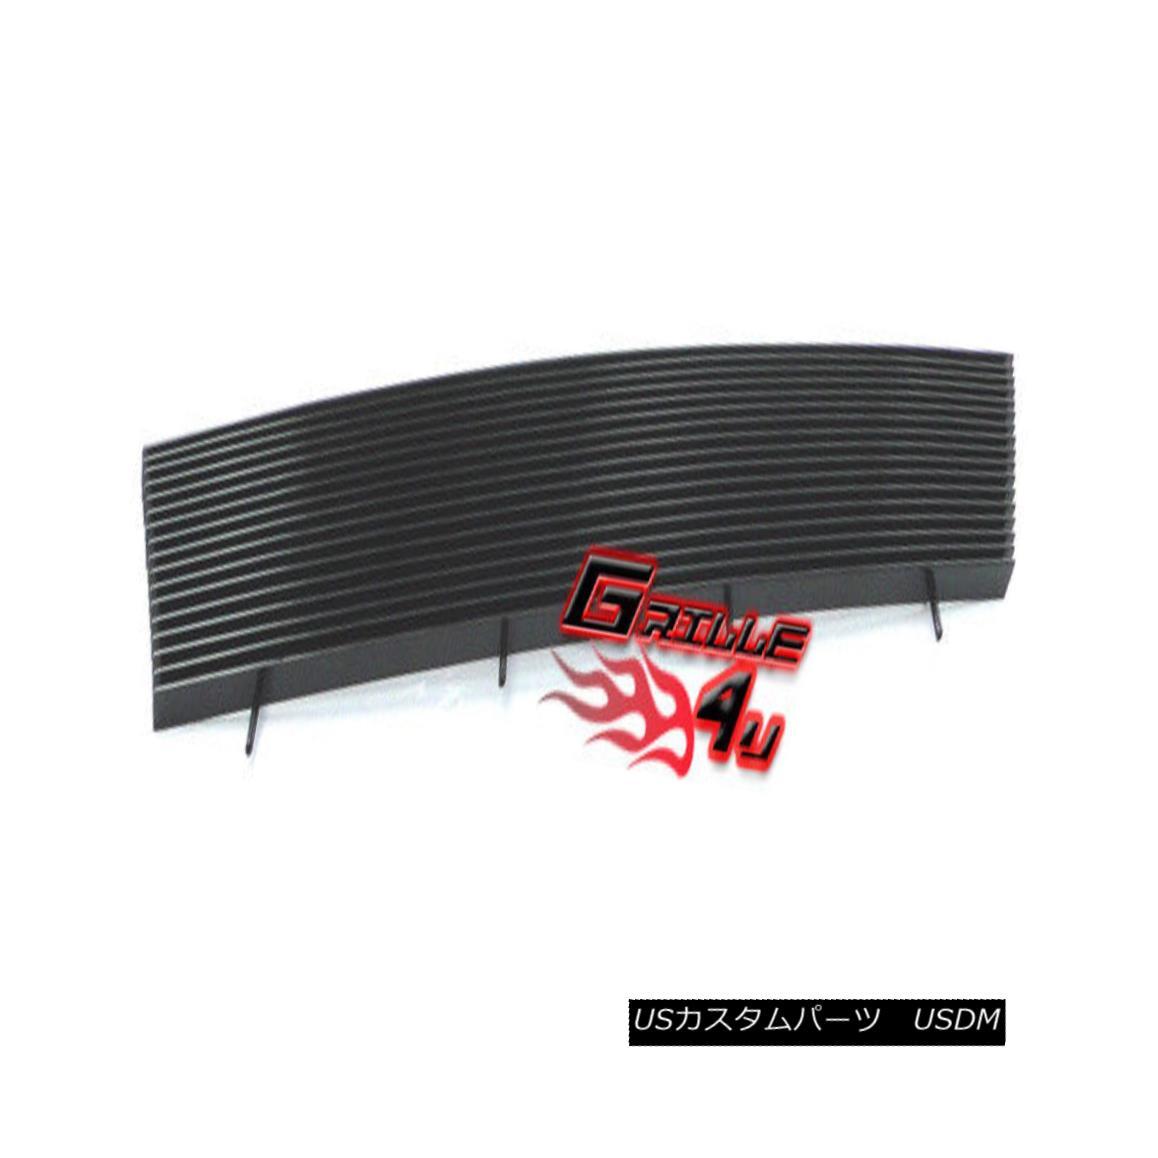 グリル Customized For 98-00 Customized Ford Ranger Black Billet Premium Grille Insert 98-00のためにカスタマイズされたフォードレンジャーブラックビレットプレミアムグリルインサート